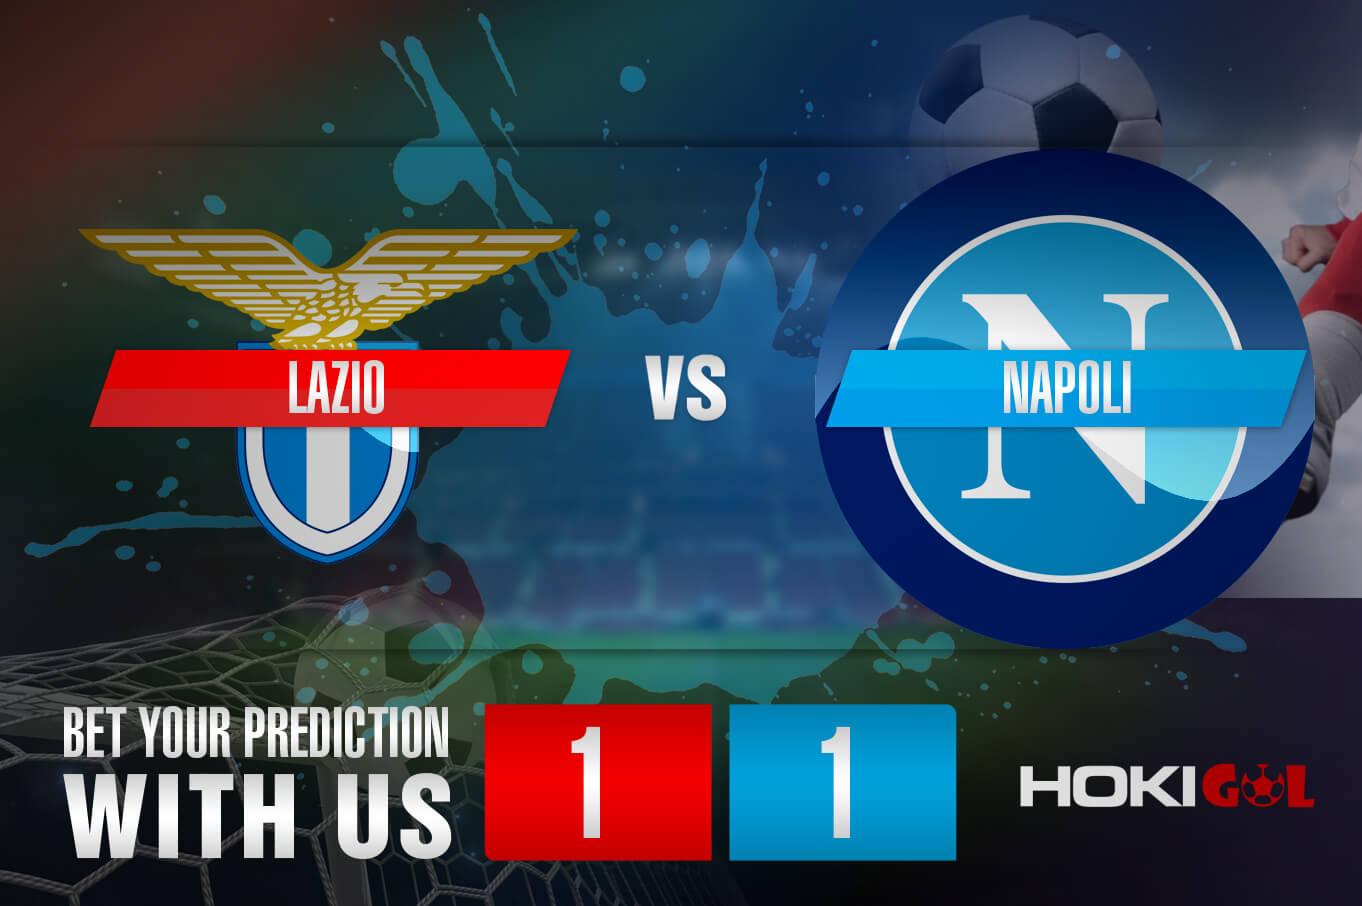 Prediksi Bola Lazio Vs Napoli 21 Desember 2020